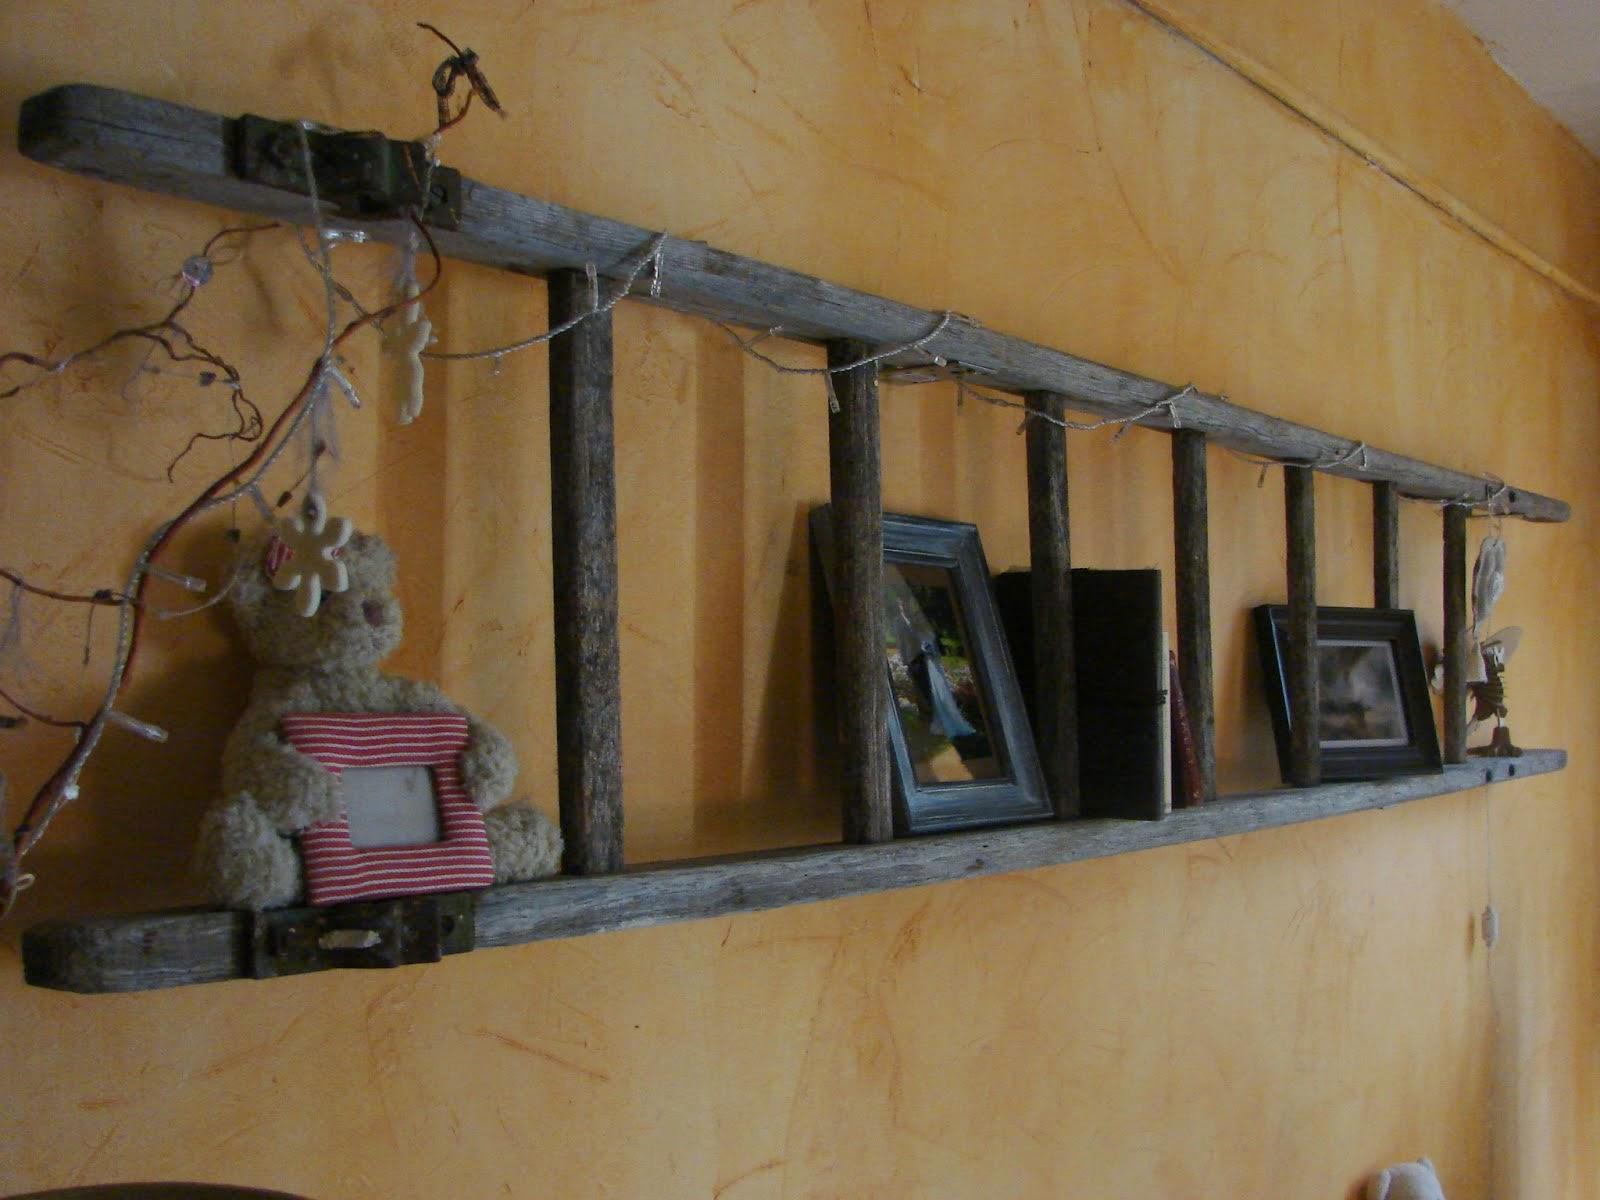 Deco Avec Une Echelle En Bois 17 façons de recycler les vieilles échelles